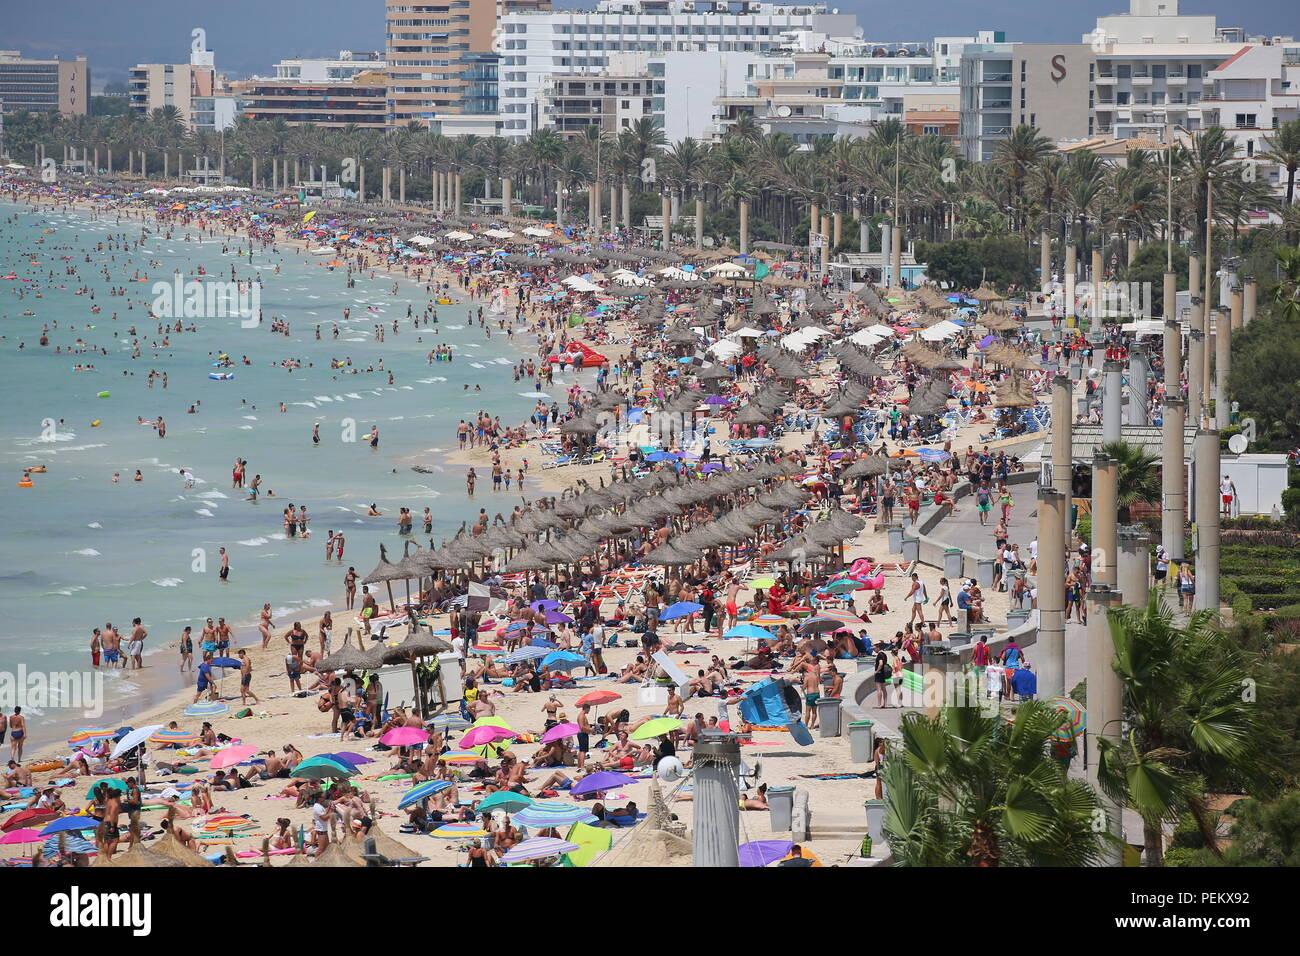 Vista generale sopra la spiaggia turistica di El Arenal nell'isola spagnola di Maiorca. Foto Stock